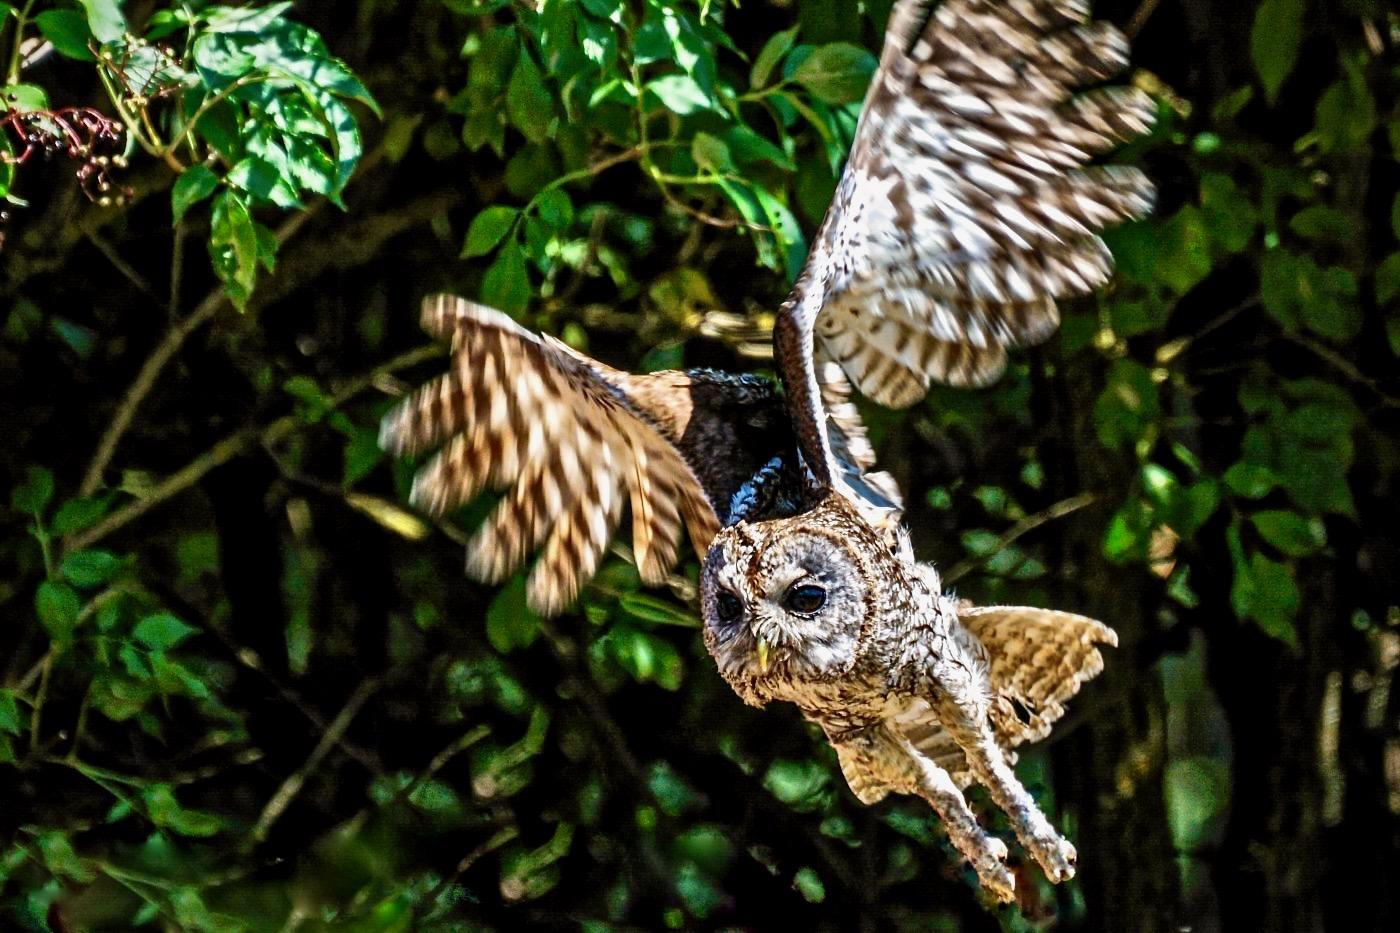 Biodiversité : Chouette, on va observer des rapaces nocturnes !